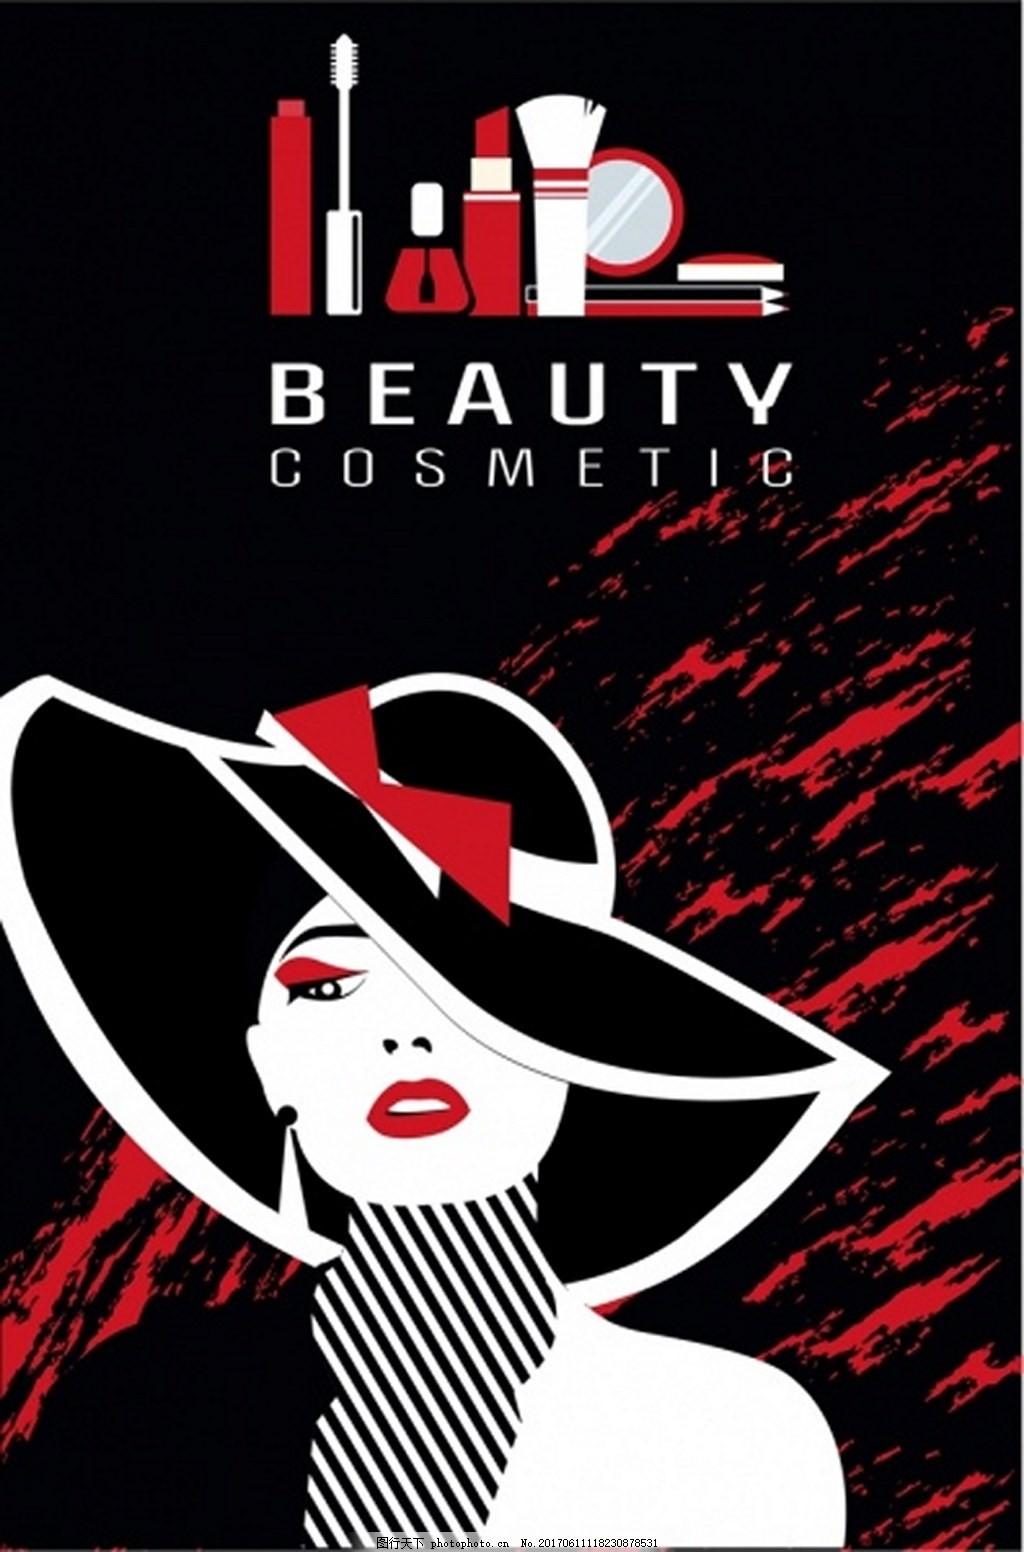 戴帽子时尚化妆漂亮女人背景图 背景素材 广告 免费下载 化妆品